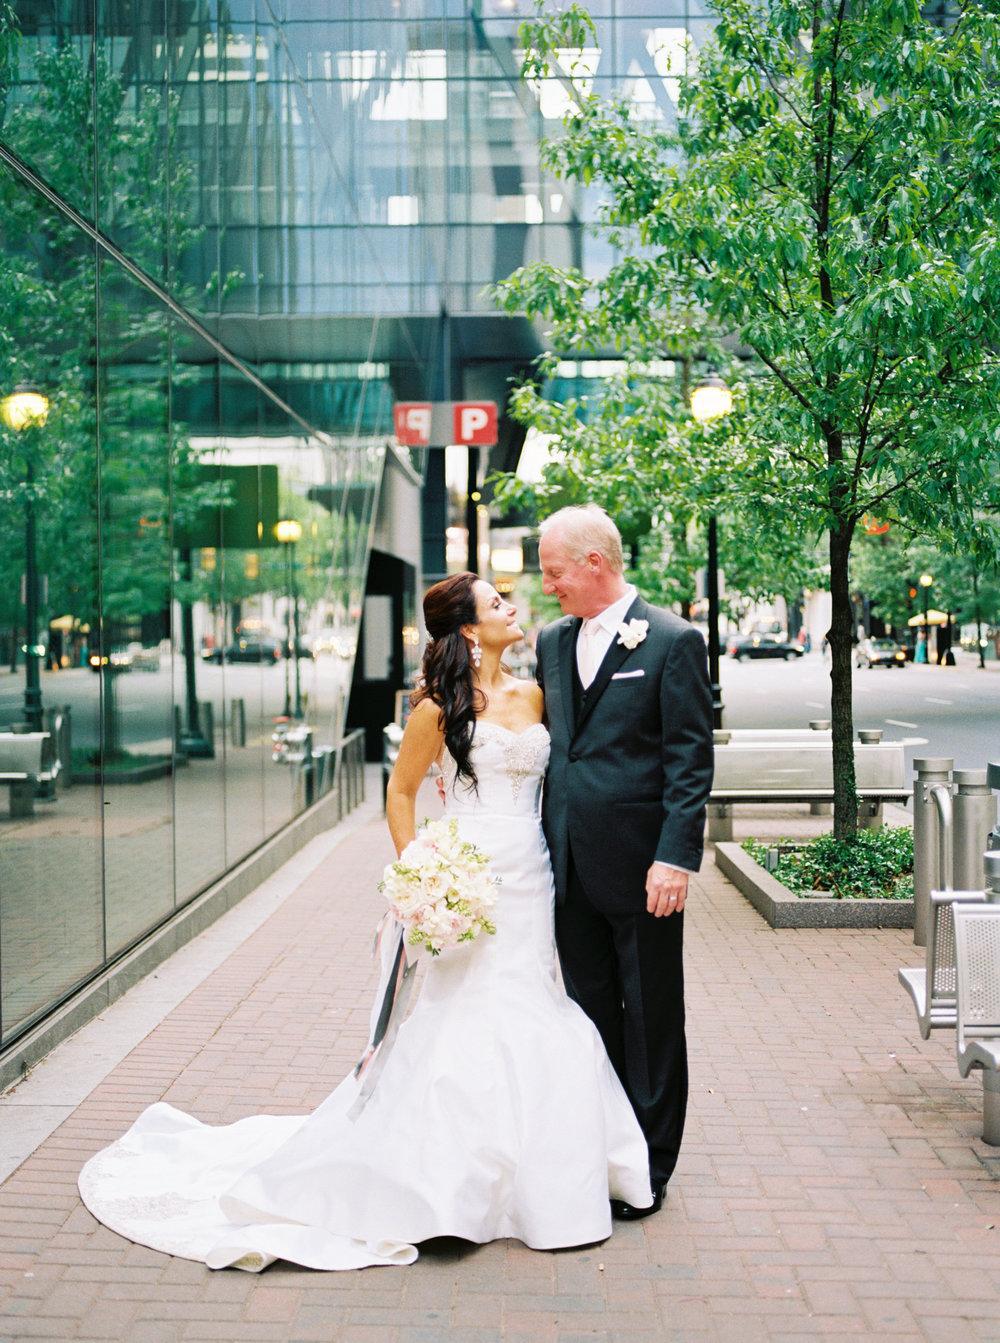 Kendra + Randy - Ritz Carlton Urban Garden